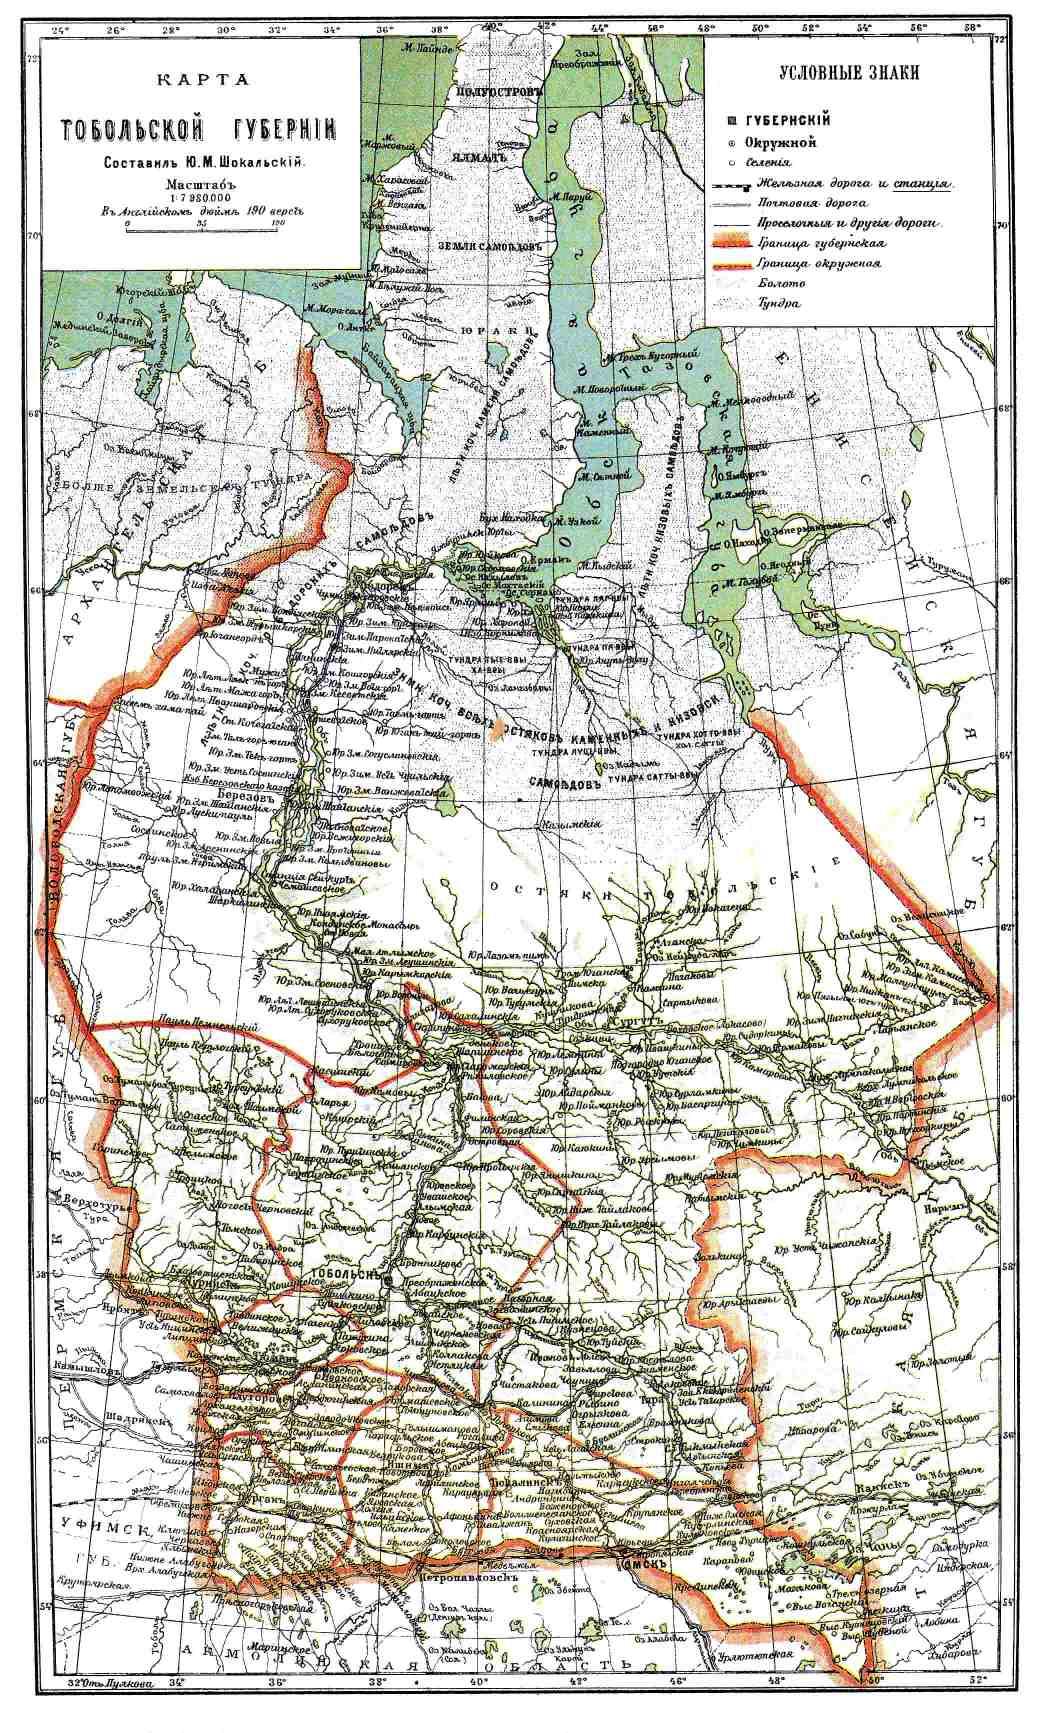 Какой губернии относился город елец в 1932 году